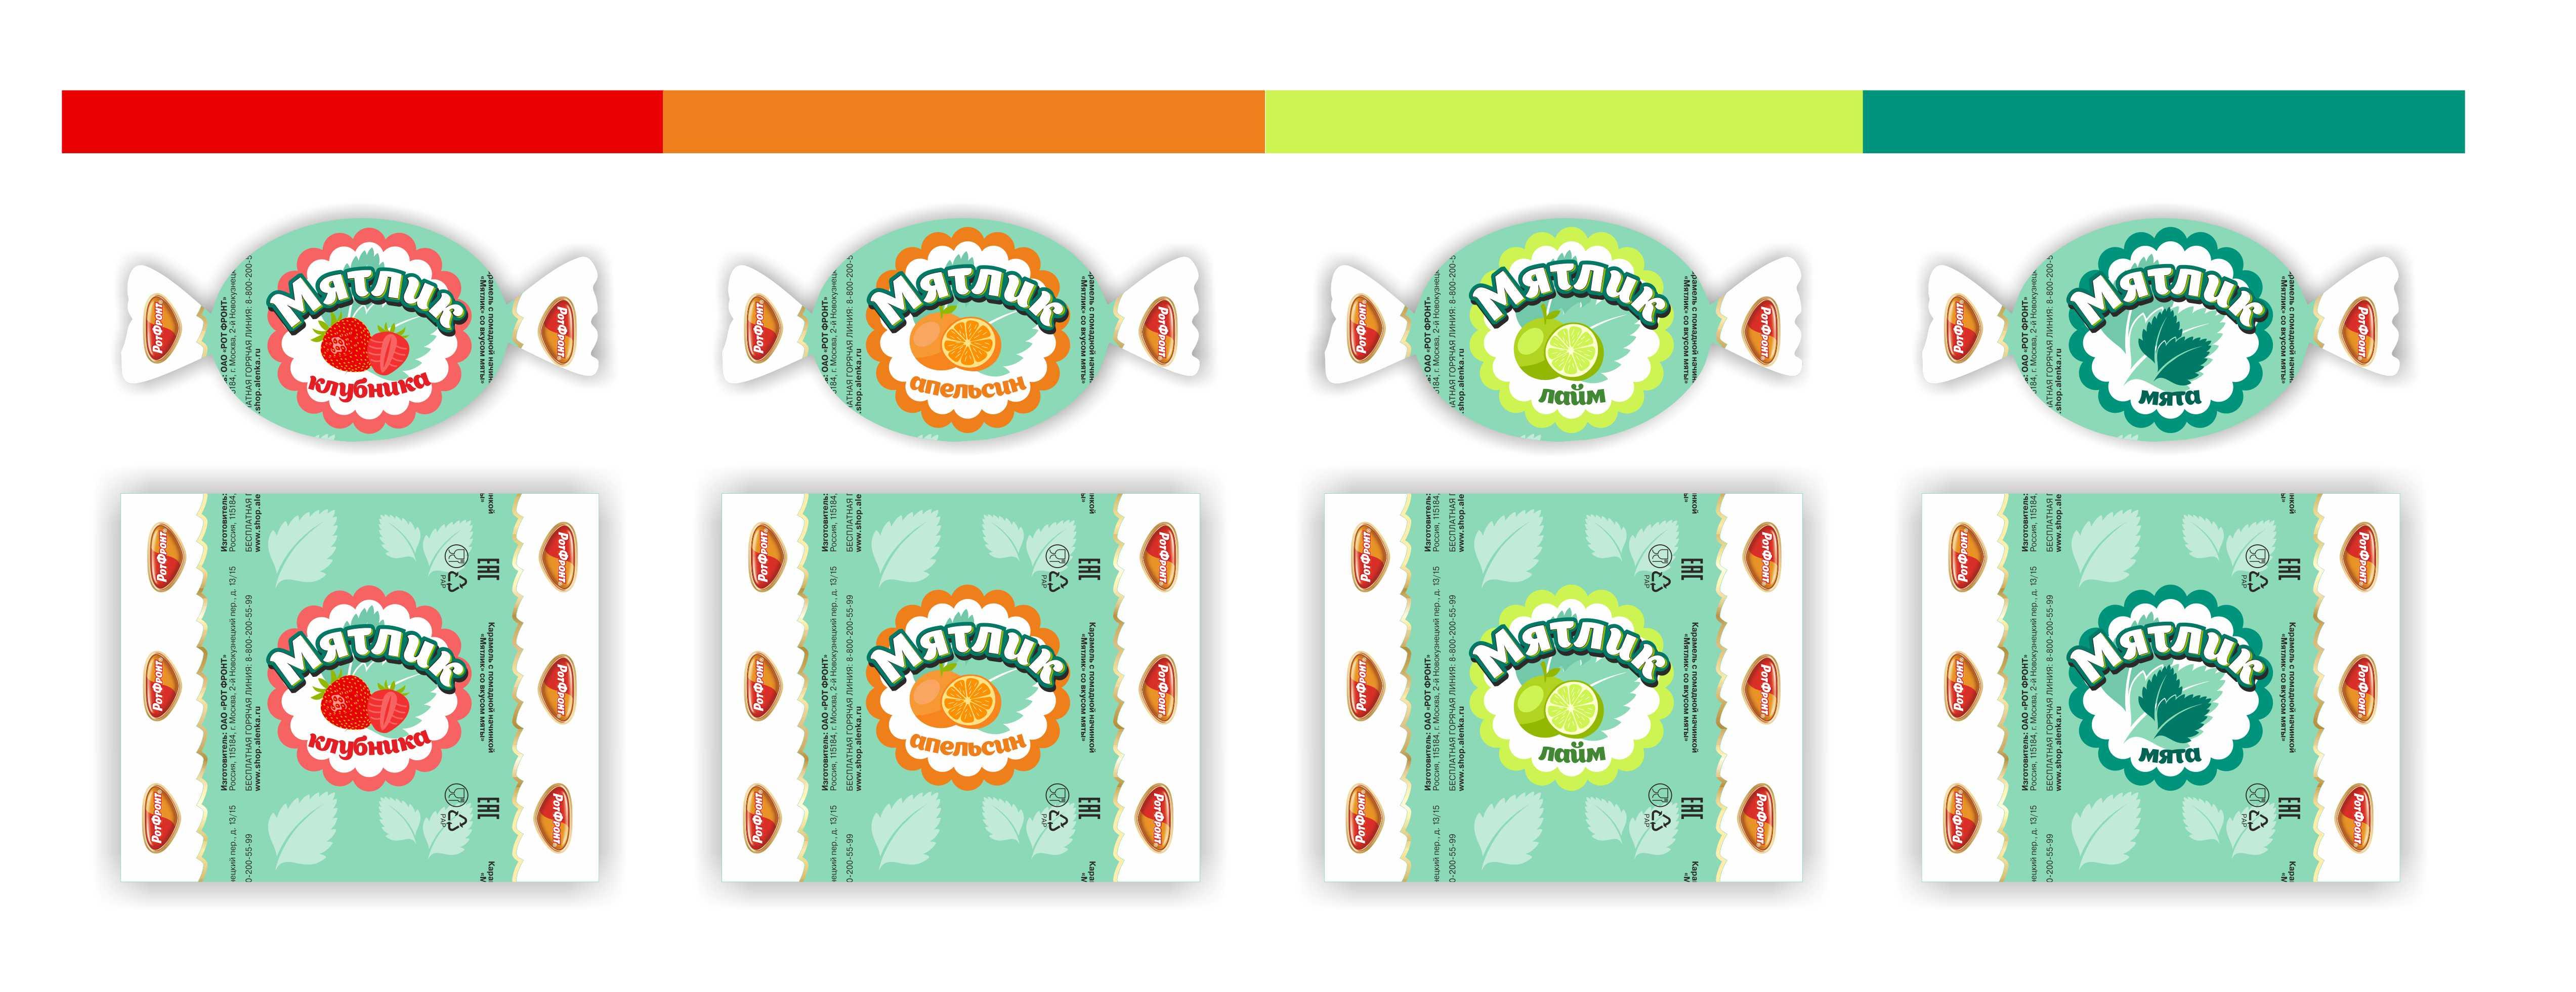 Разработка дизайна упаковки для мятной карамели от Рот Фронт фото f_75759f21c641cc1d.jpg